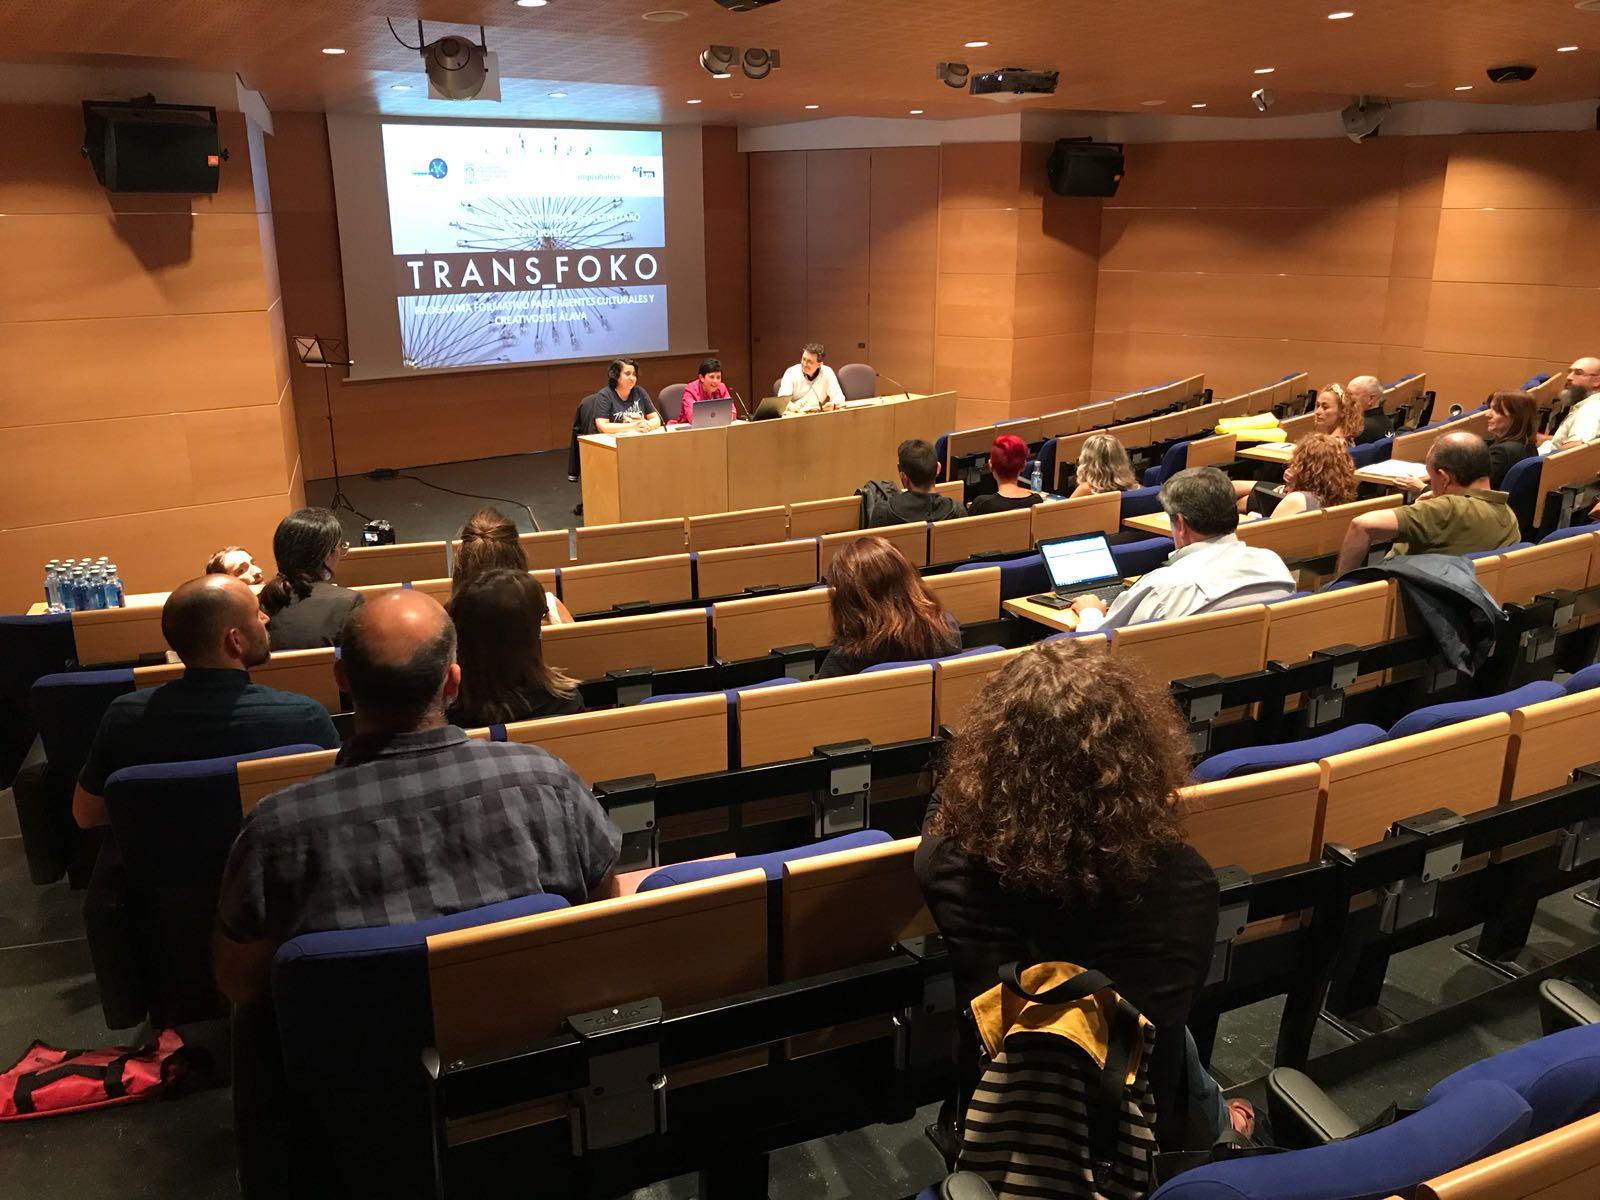 Transfoko culmina con una presentaci n final de trabajos for Trabajo en vitoria gasteiz